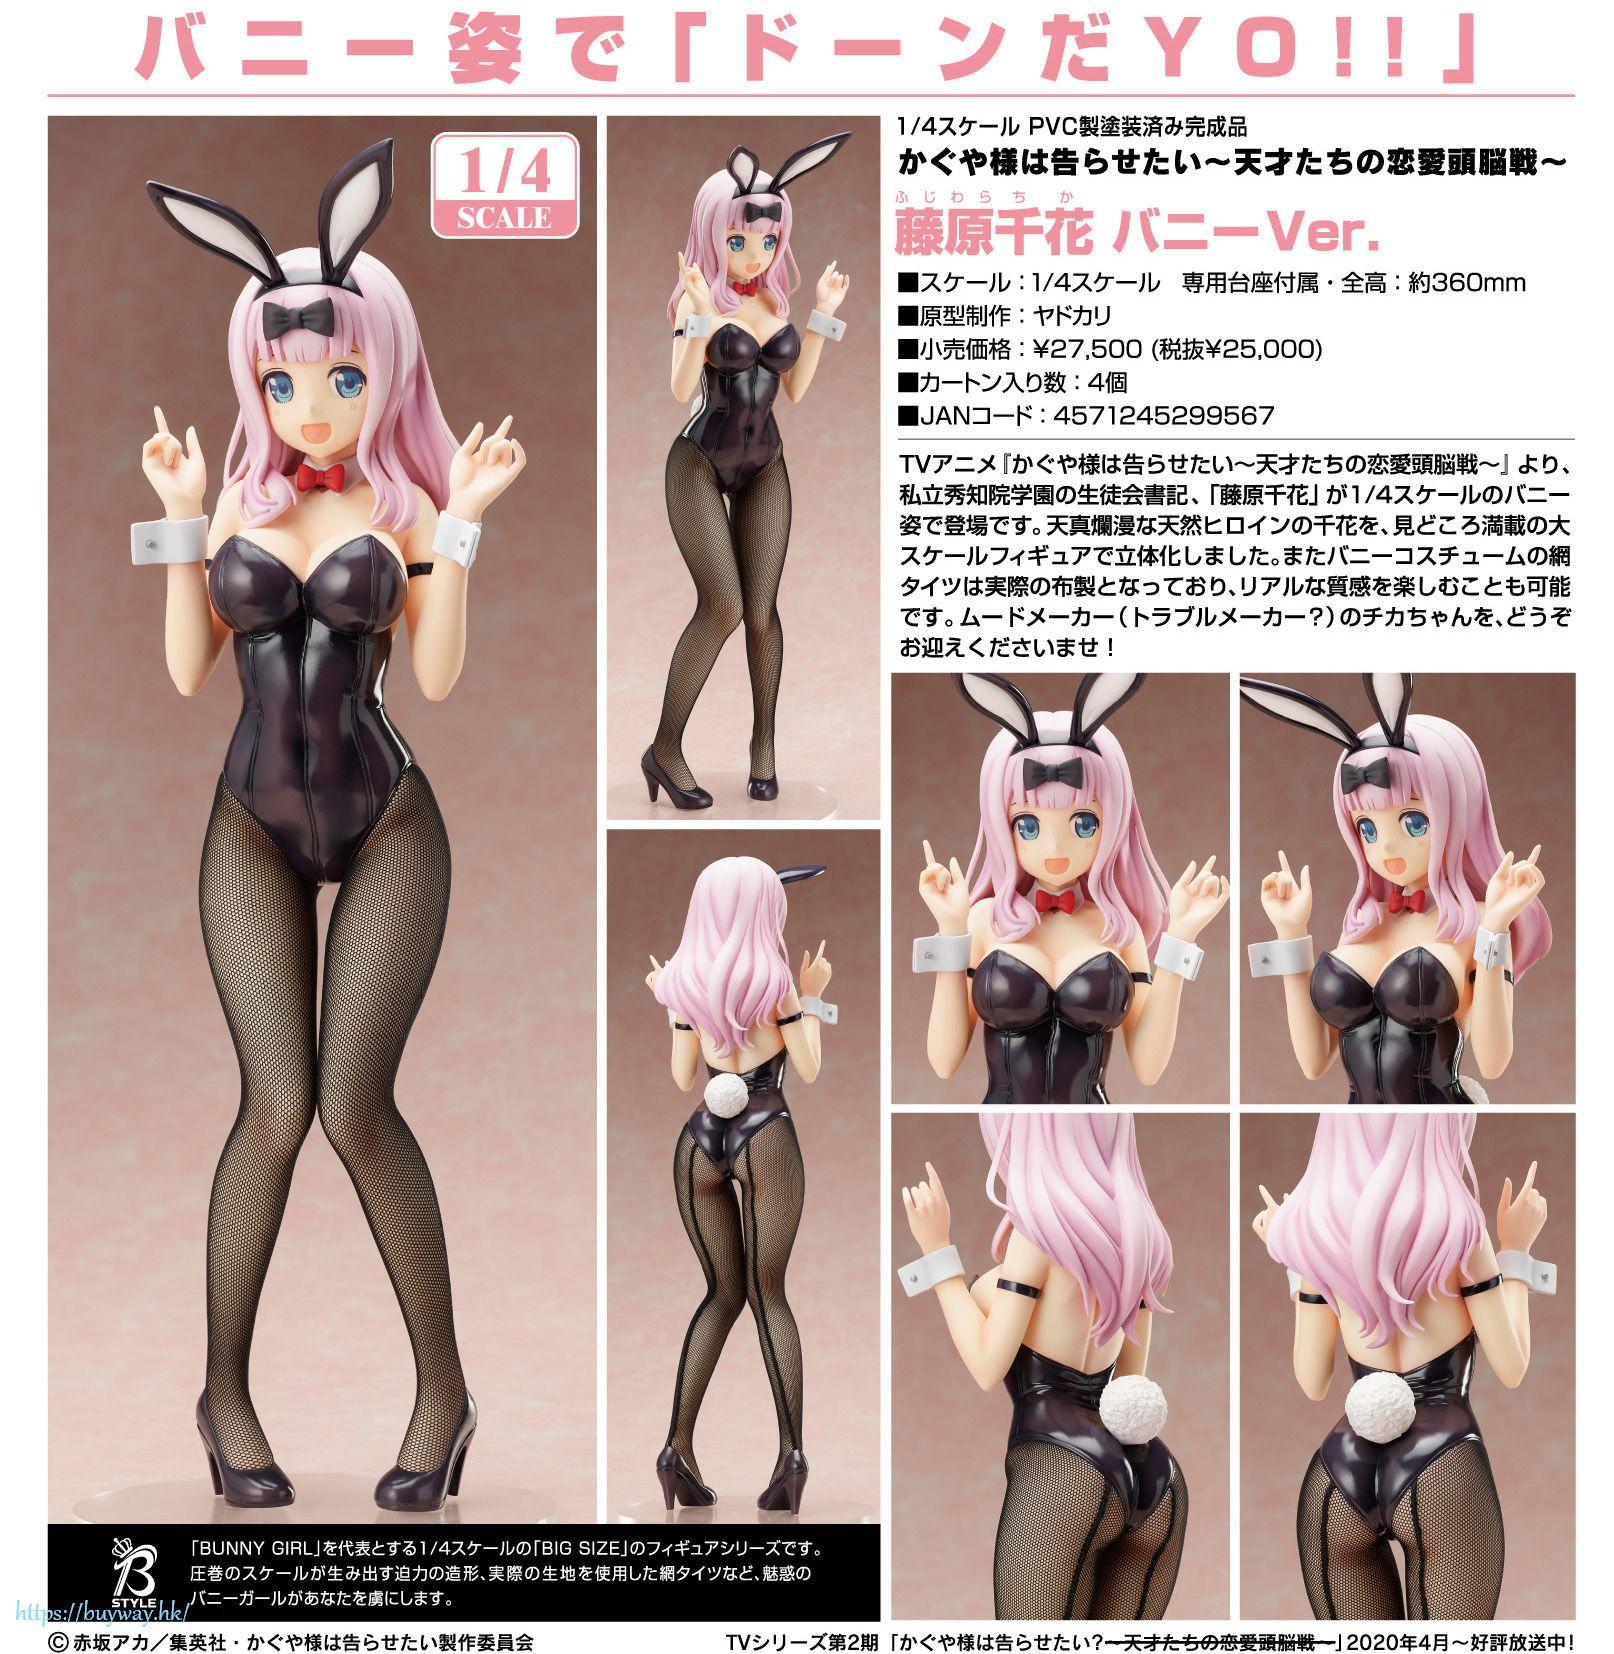 輝夜姬想讓人告白 B-STYLE 1/4「藤原千花」Bunny Ver. B-STYLE 1/4 Fujiwara Chika Bunny Ver.【Kaguya-sama: Love is War】